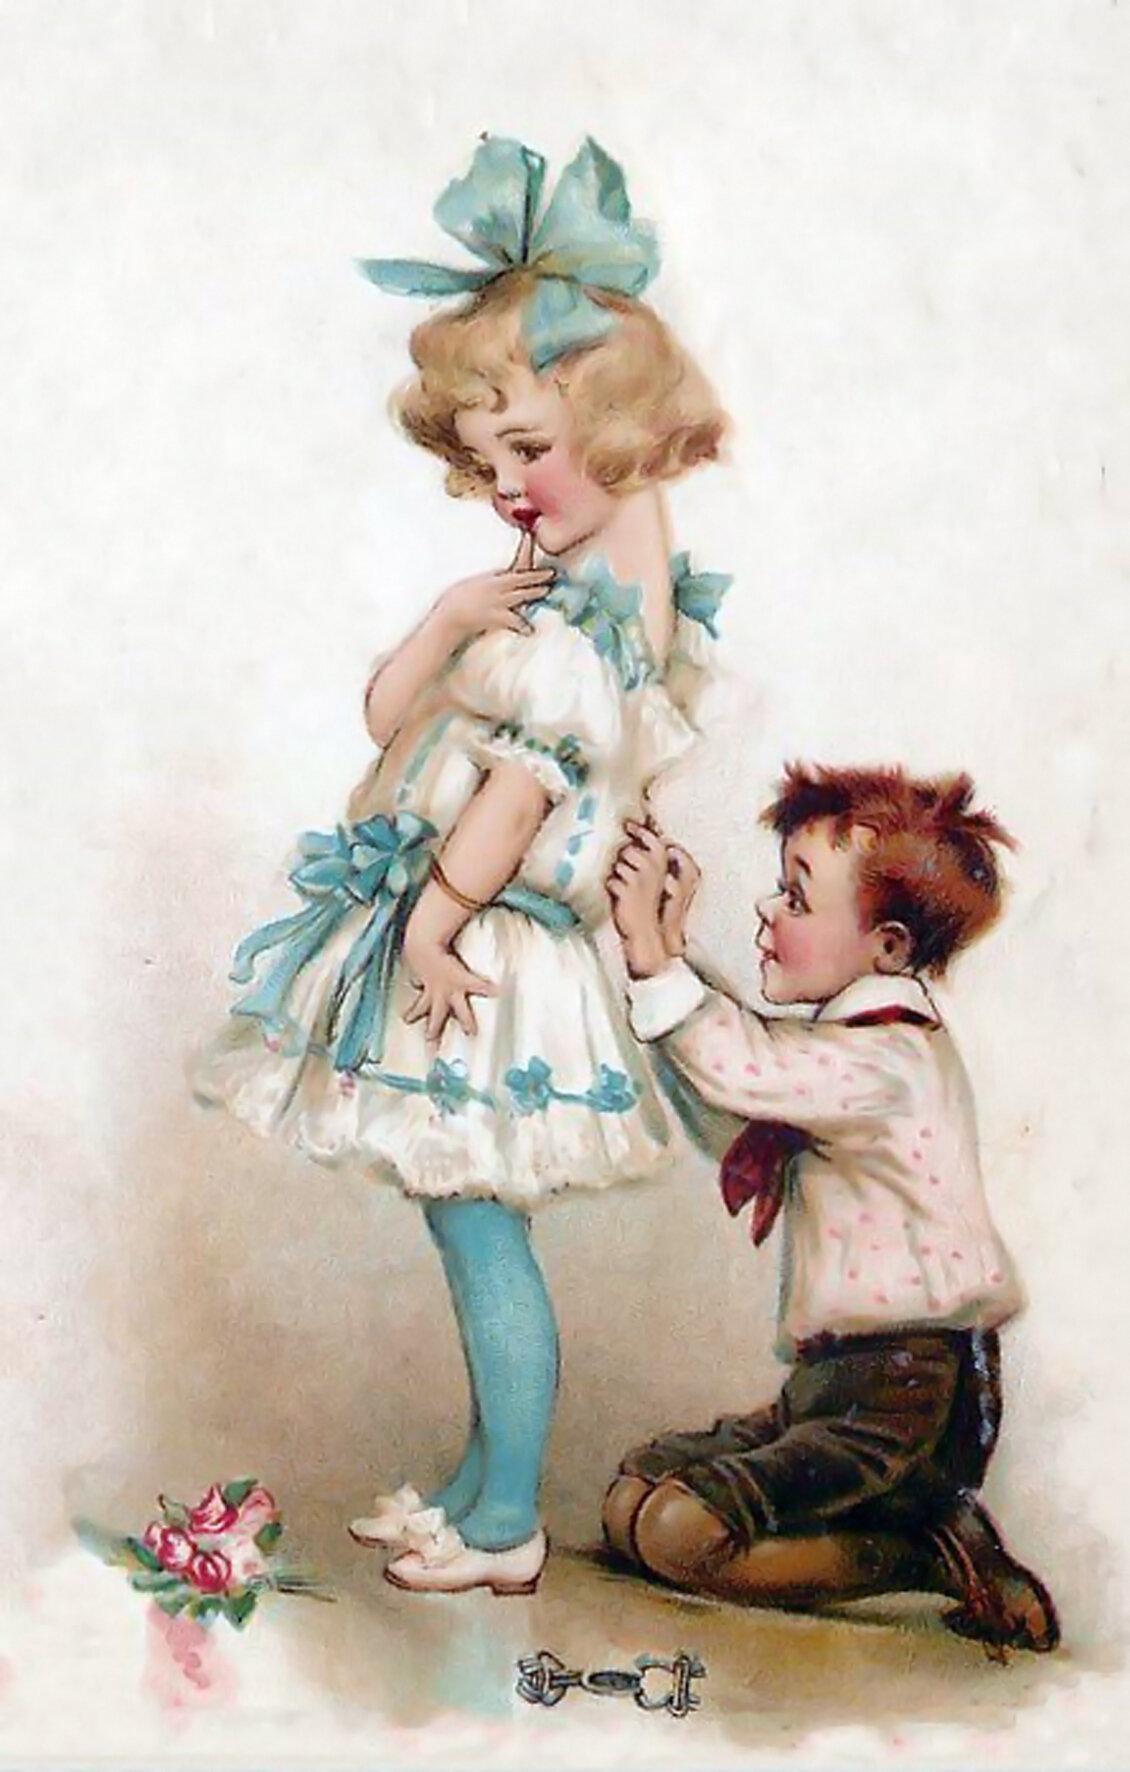 Девочка старинная открытка, смешные картинки